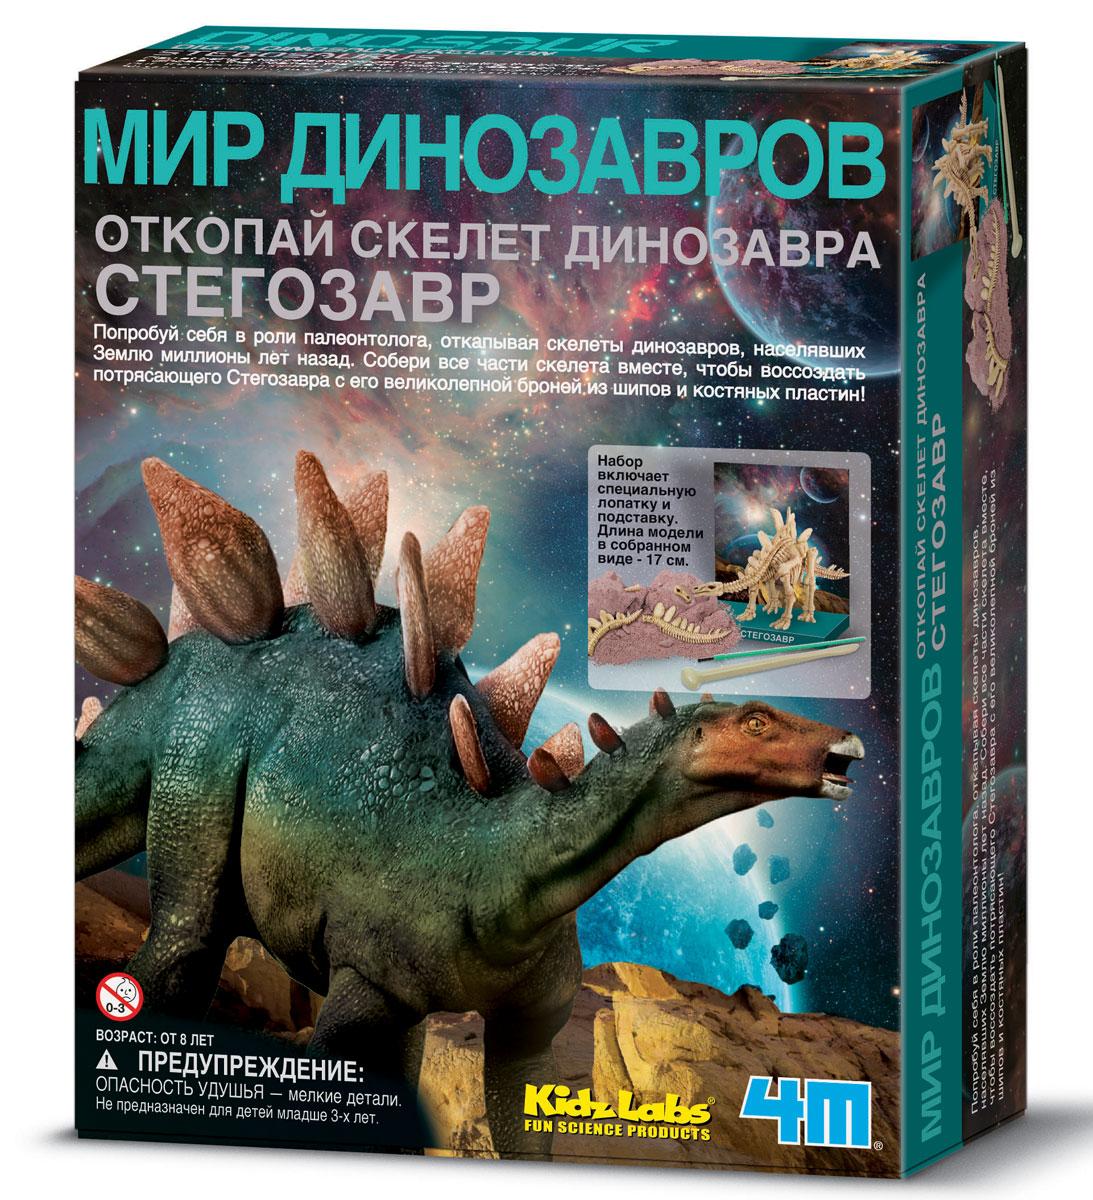 Сборная модель 4M Скелет Стегозавра00-03229Попробуйте себя в роли палеонтолога, откапывая скелеты динозавров, населявших Землю миллионы лет назад. Соберите все части скелета вместе, чтобы воссоздать потрясающего Стегозавра с его великолепной броней из шипов и костяных пластин! В набор входит: кисточка, лопатка, картонная подставка, блок из гипса со скелетом Стегозавра. Длина модели в собранном виде - 17 см.